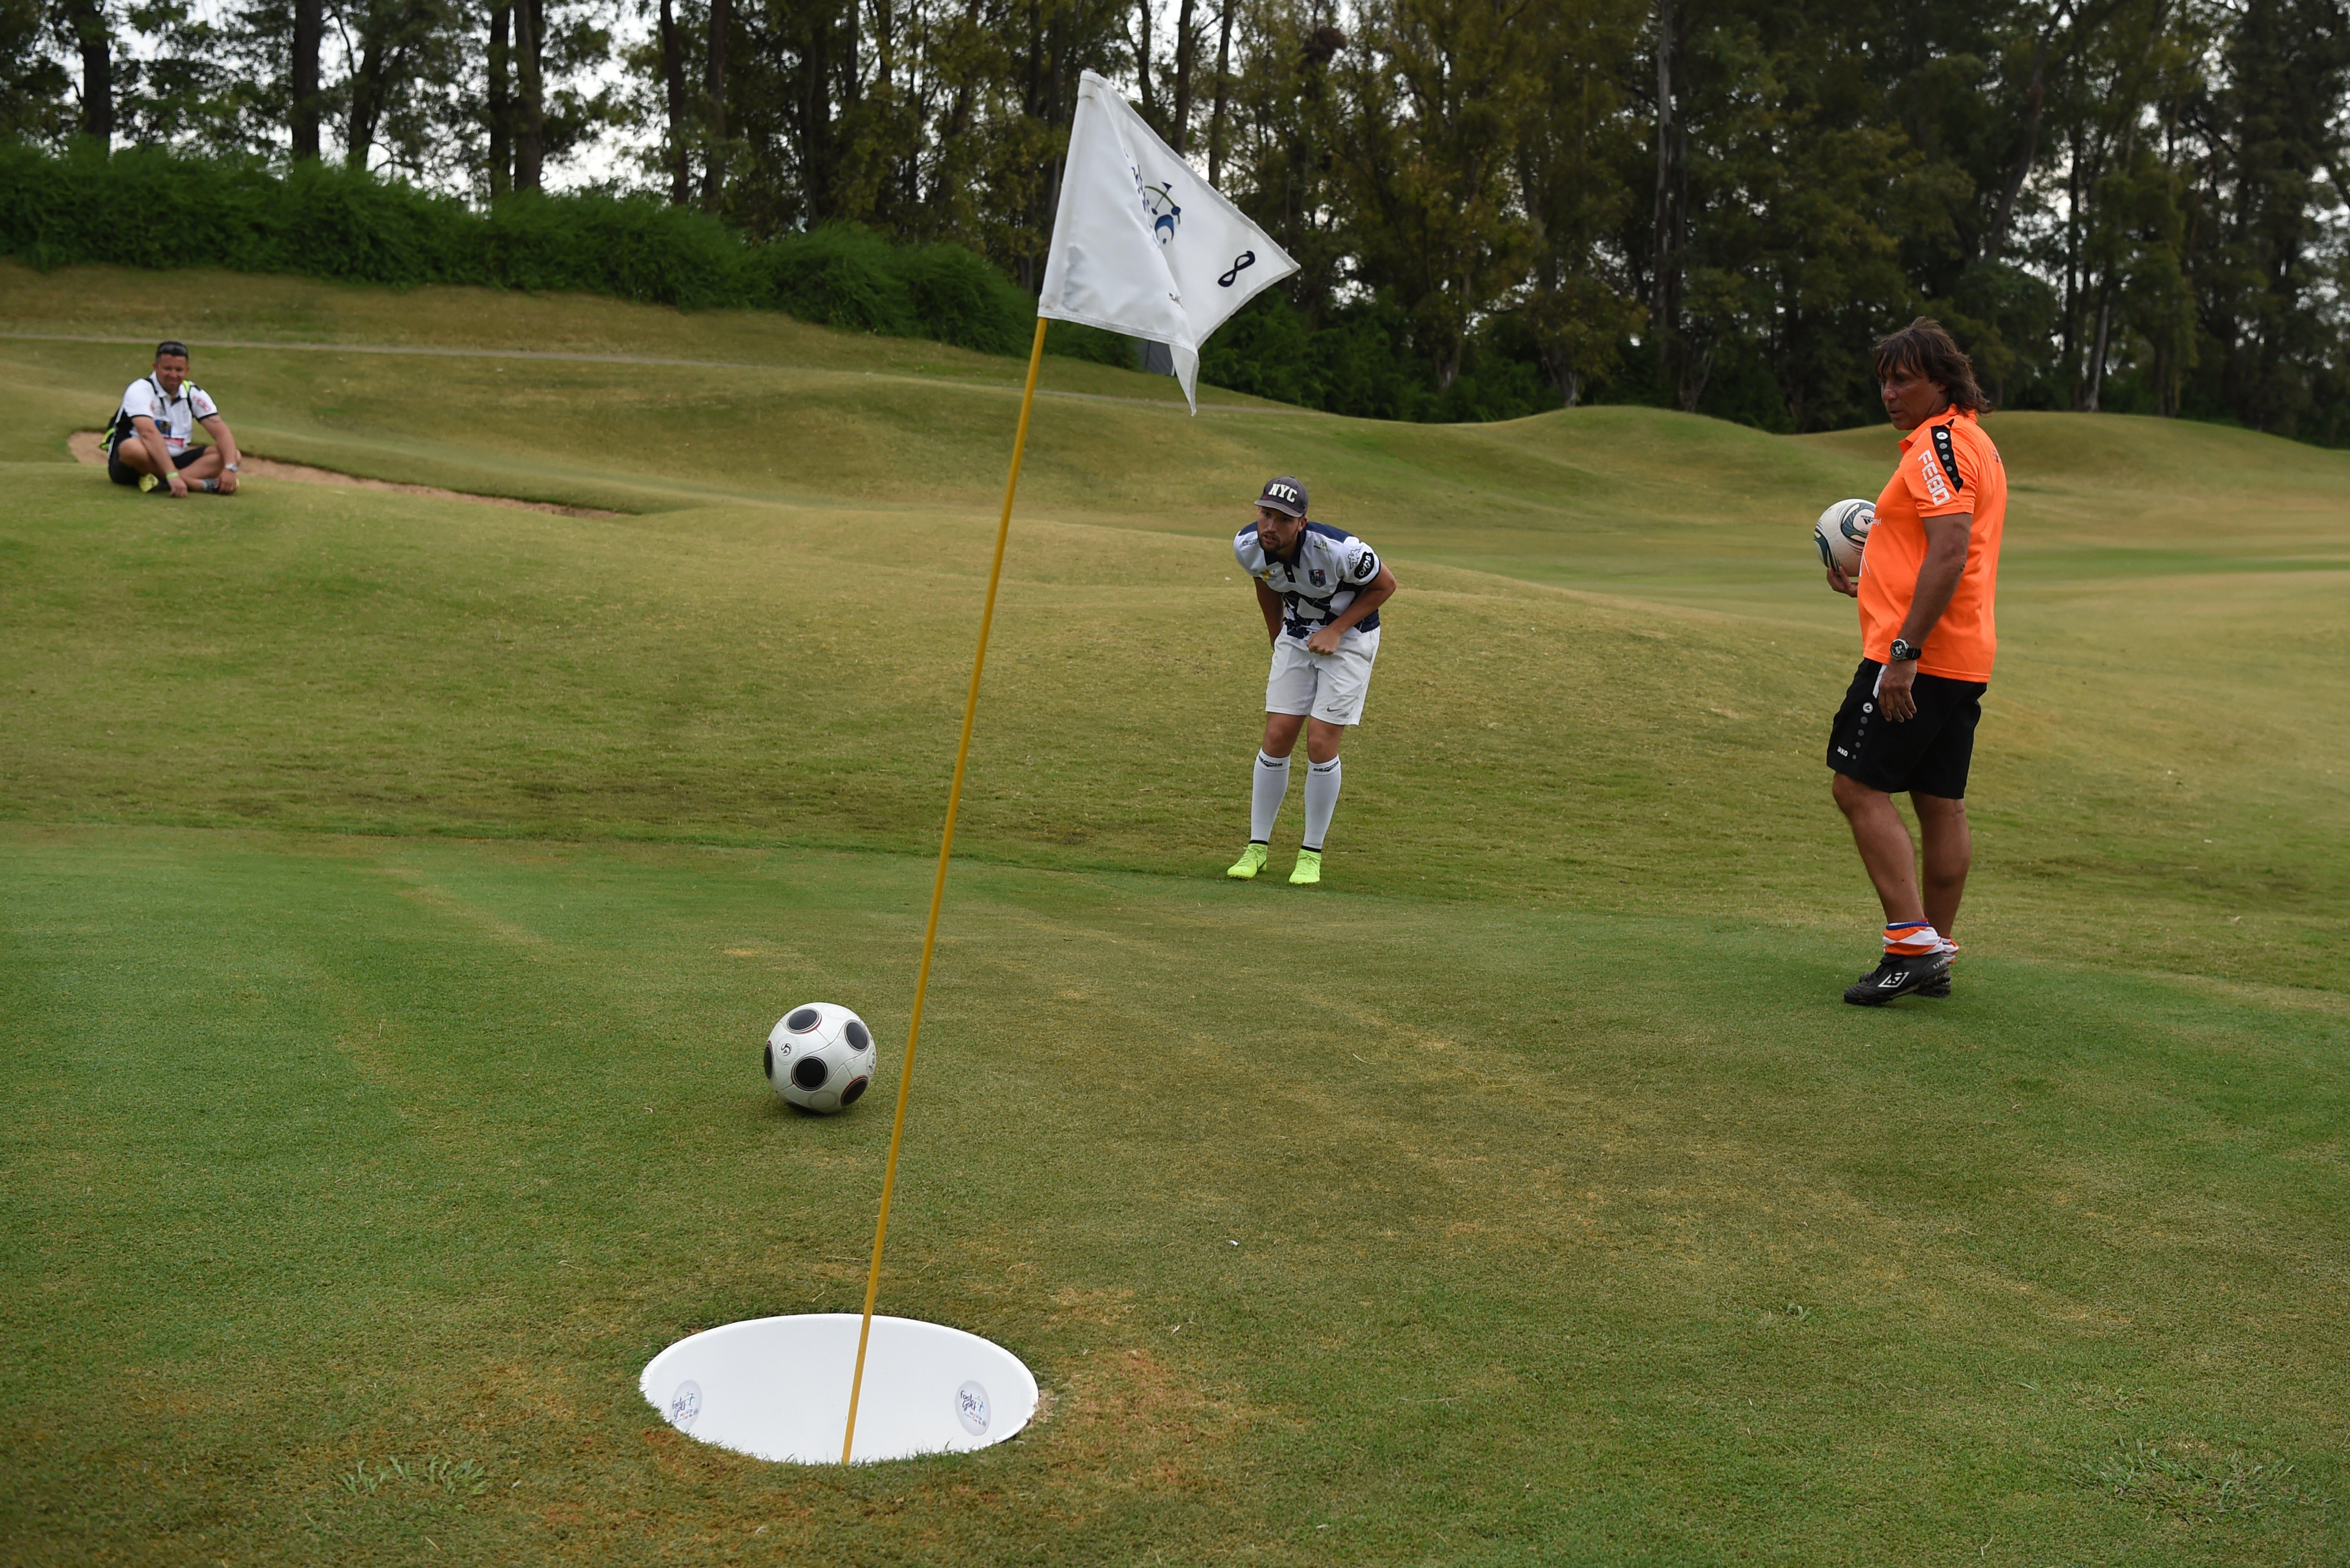 Au pays de Messi et Maradona, on joue au golf avec les pieds